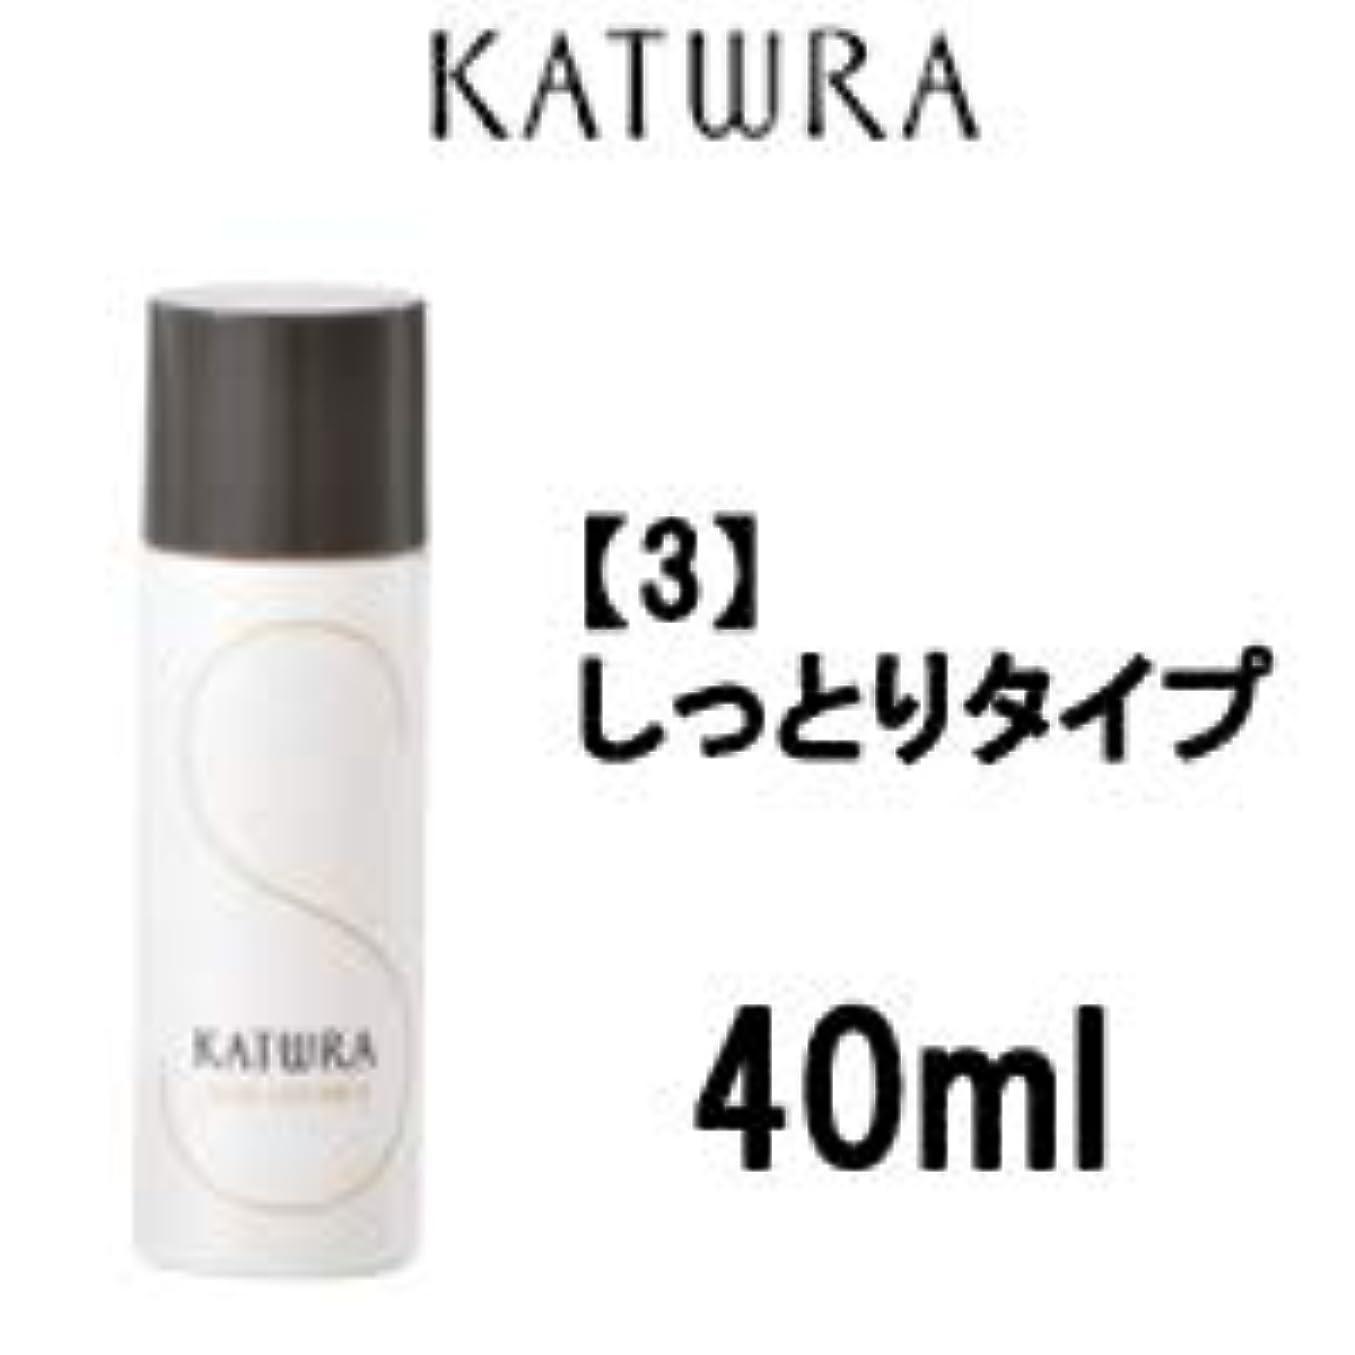 飢饉弓不正直カツウラ化粧品 スキンローションA 40ml (3 しっとりタイプ)